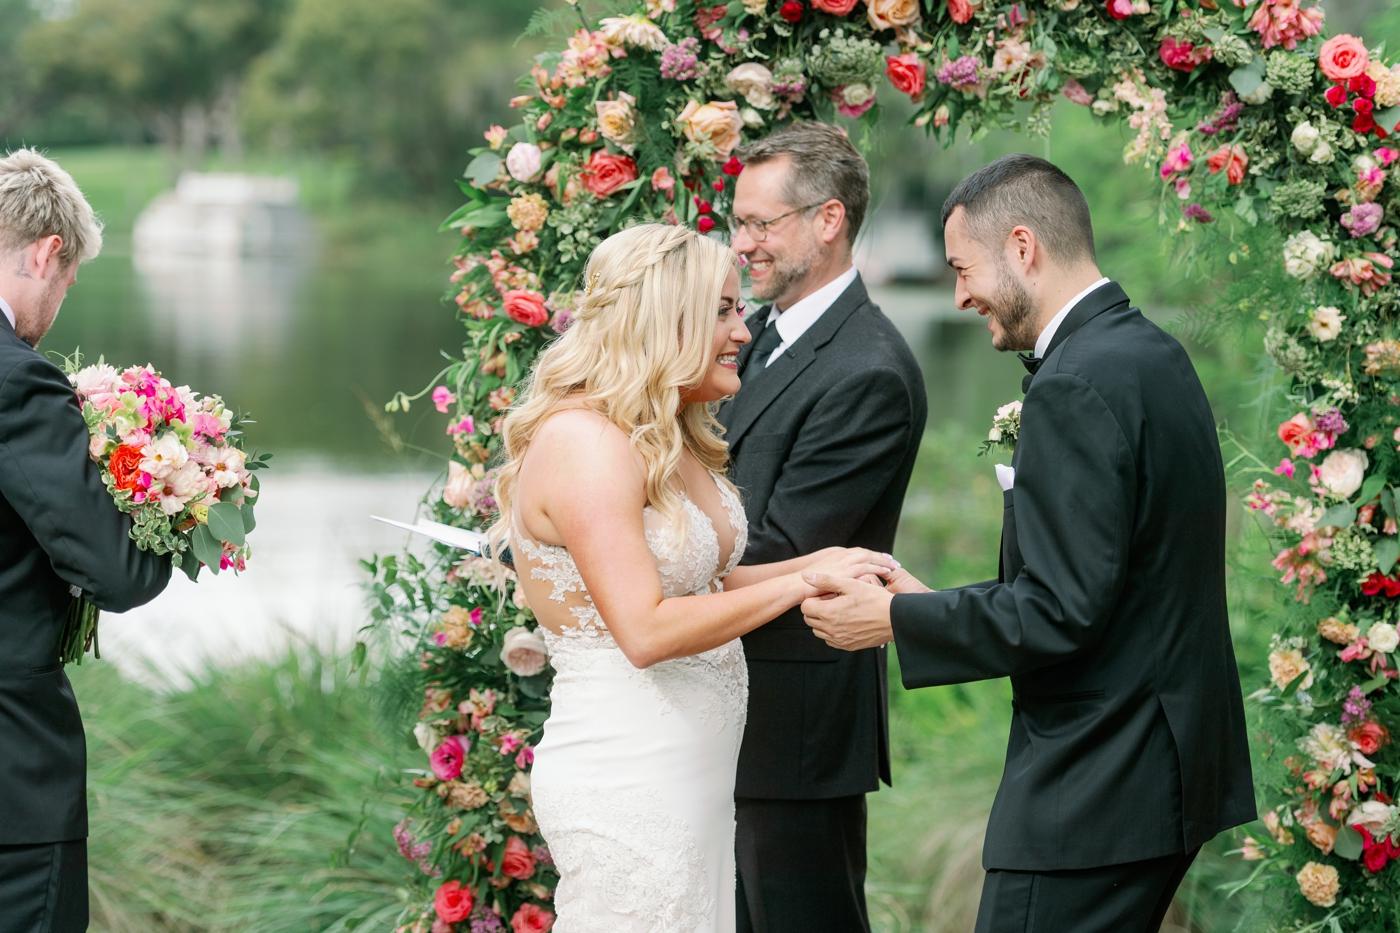 backyard wedding photographers